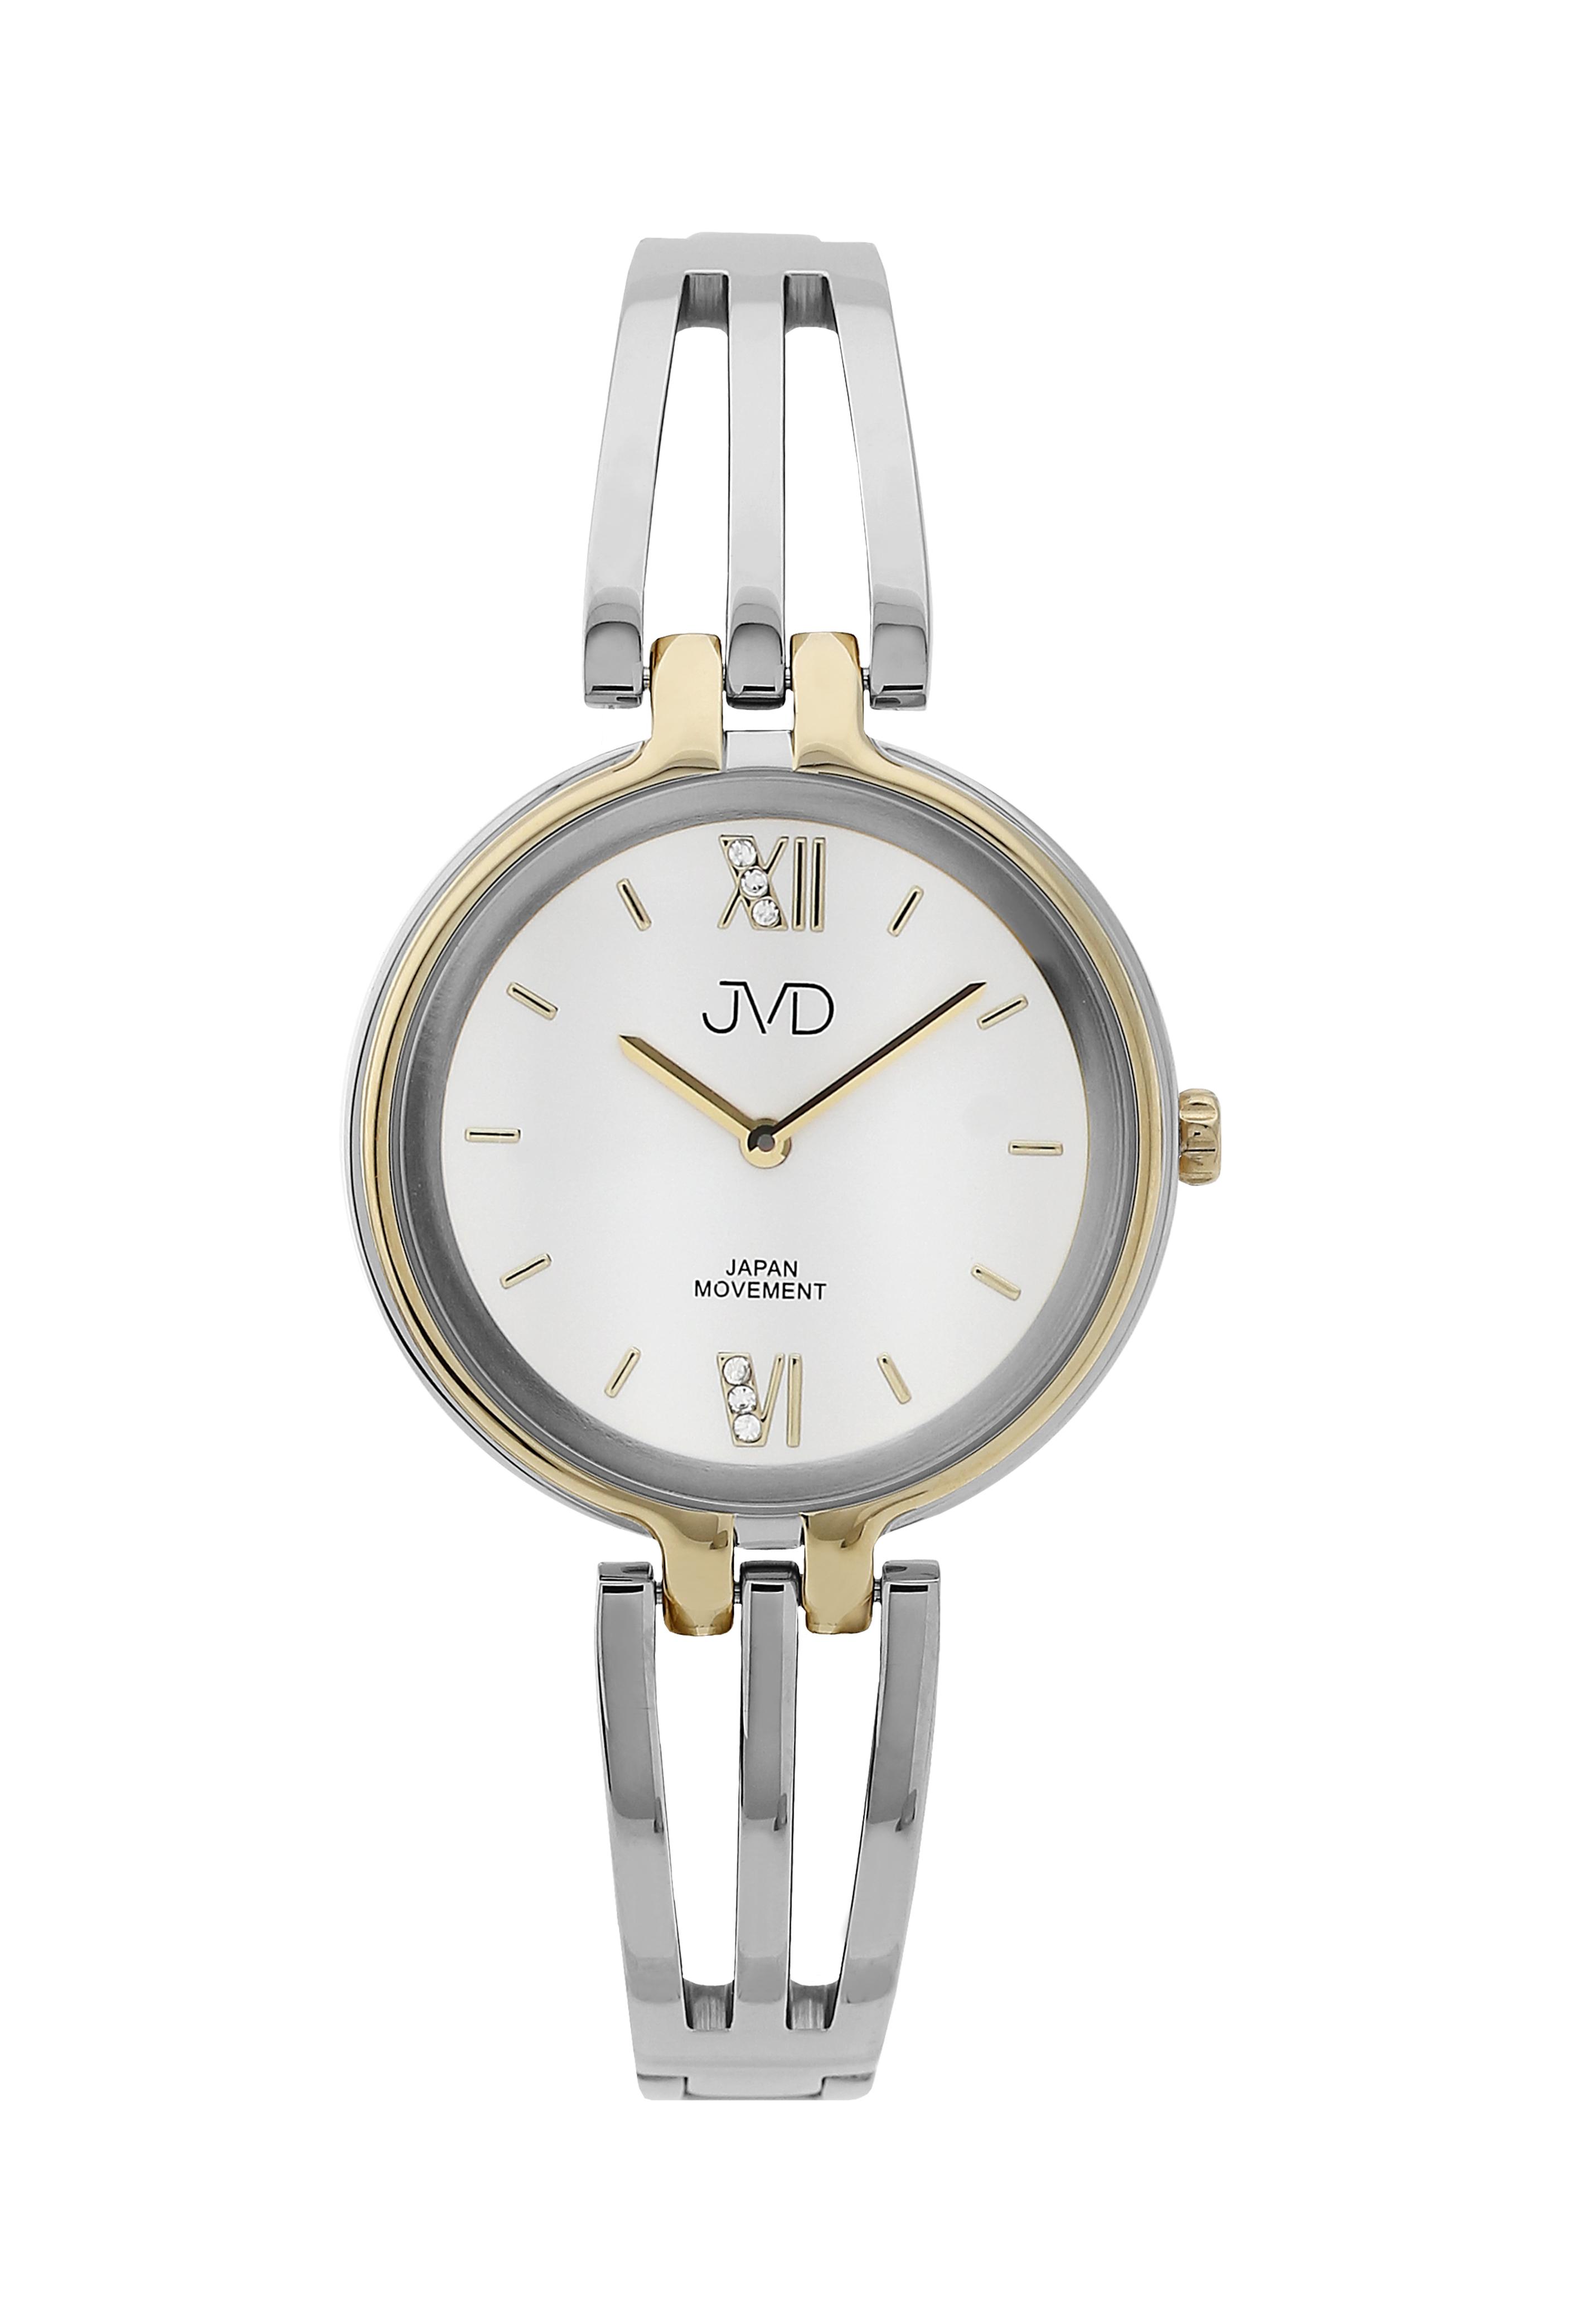 7c768460d9b Dámské šperkové náramkové hodinky JVD JC679.2 (POŠTOVNÉ ZDARMA!!)